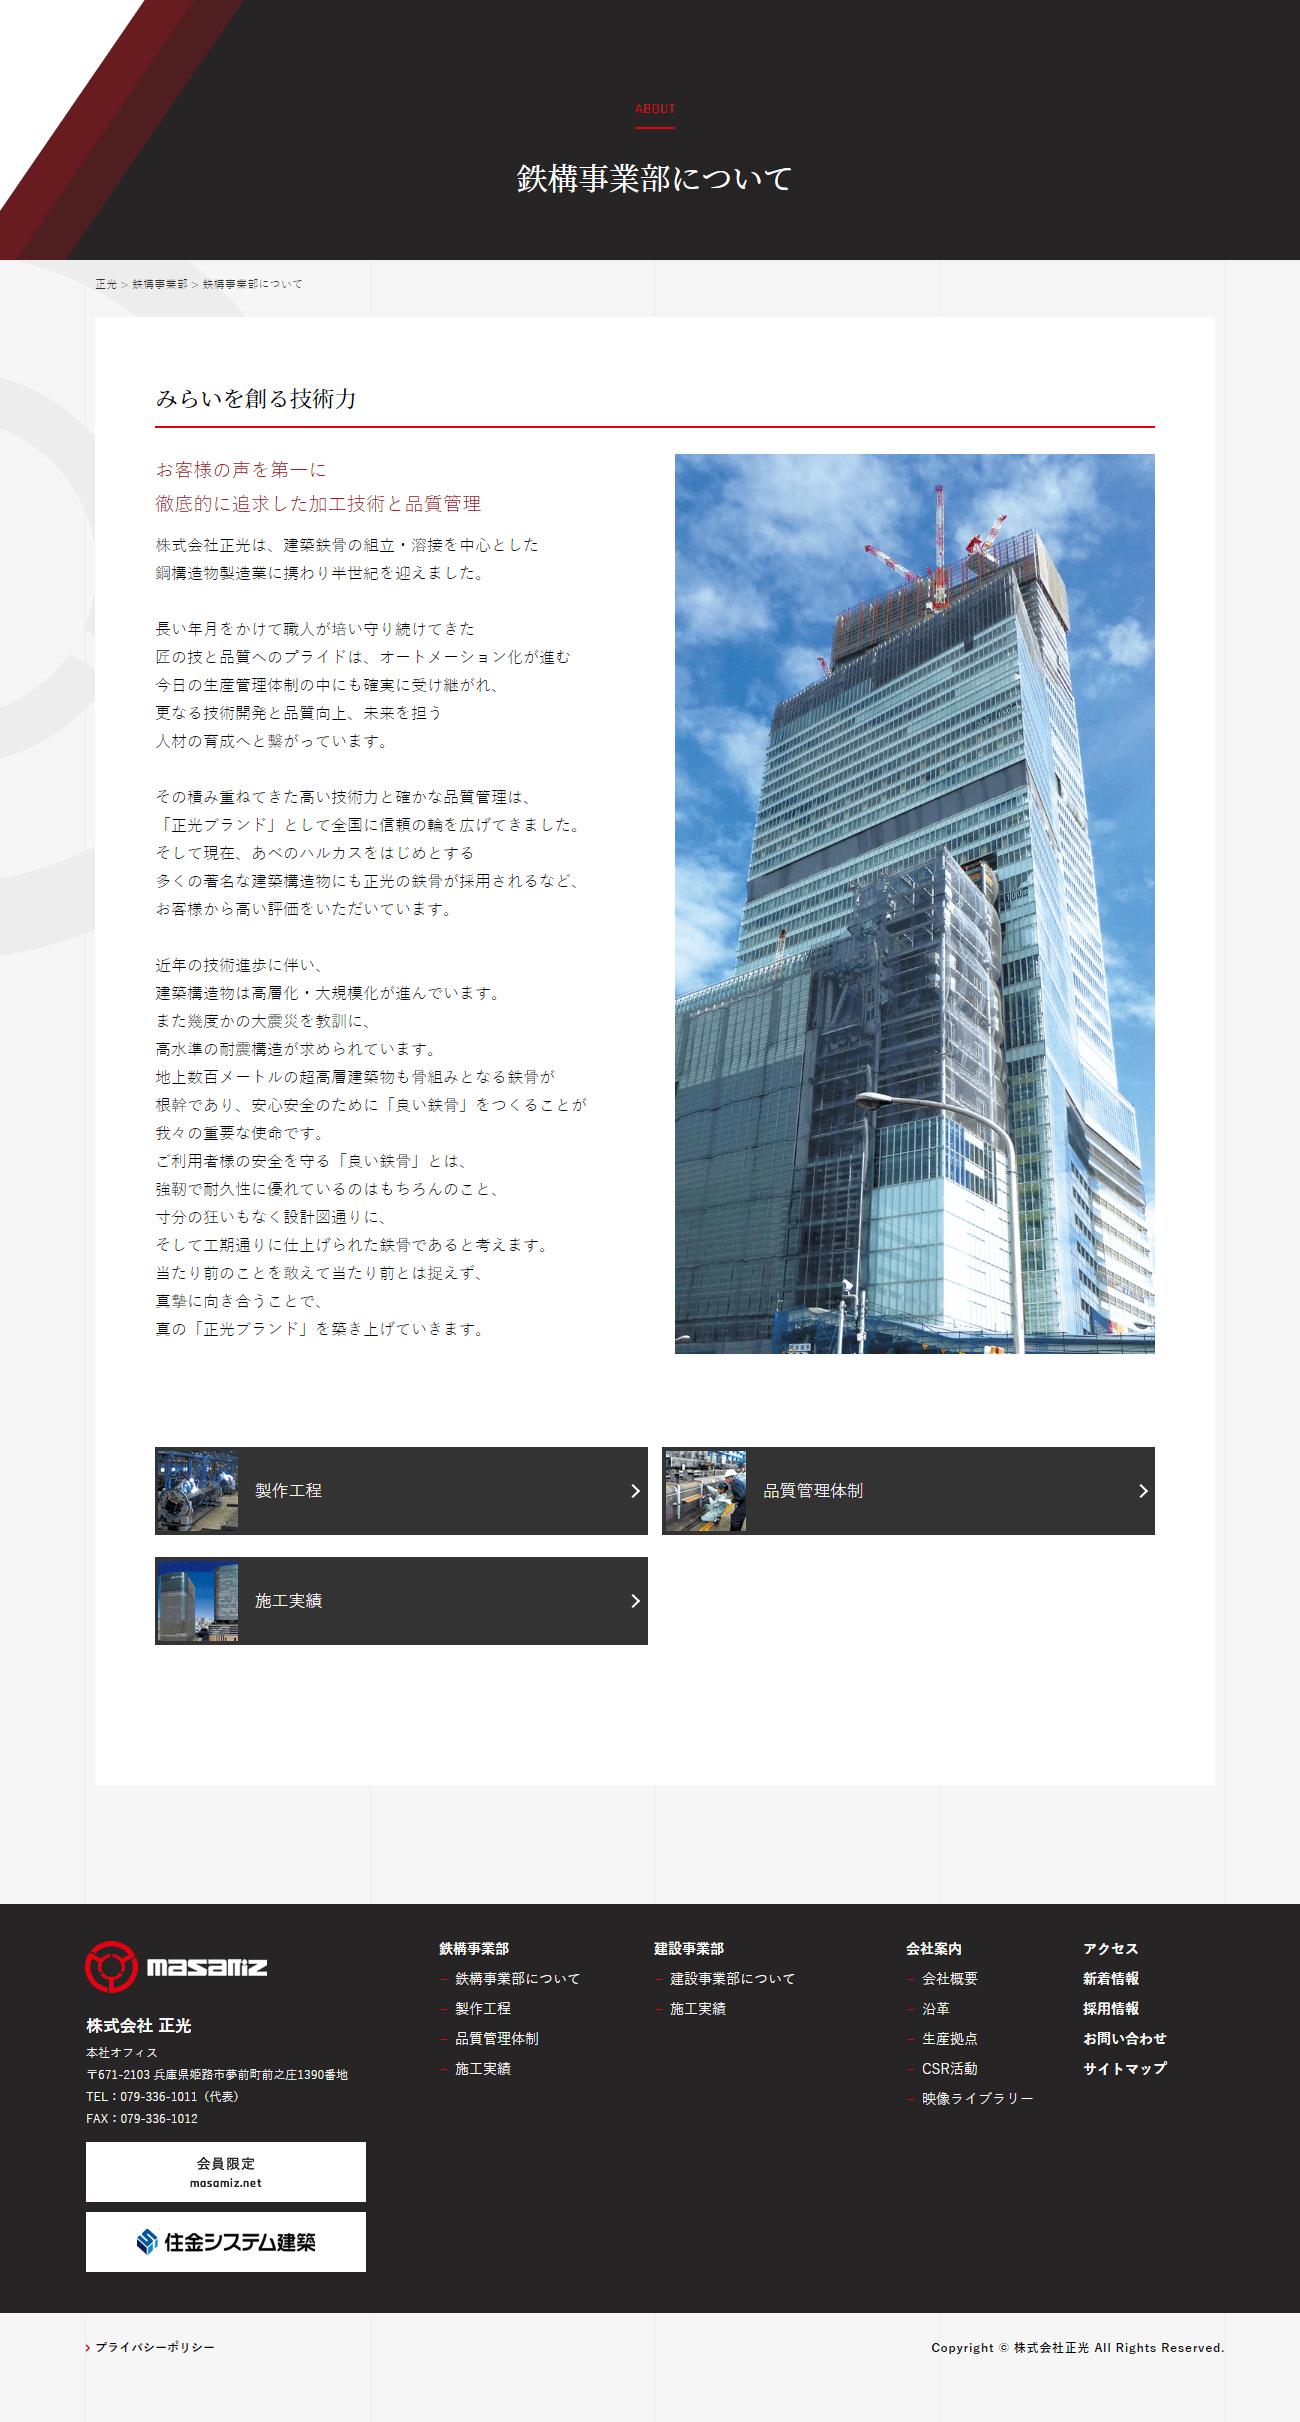 姫路市 株式会社正光 ホームページ制作2